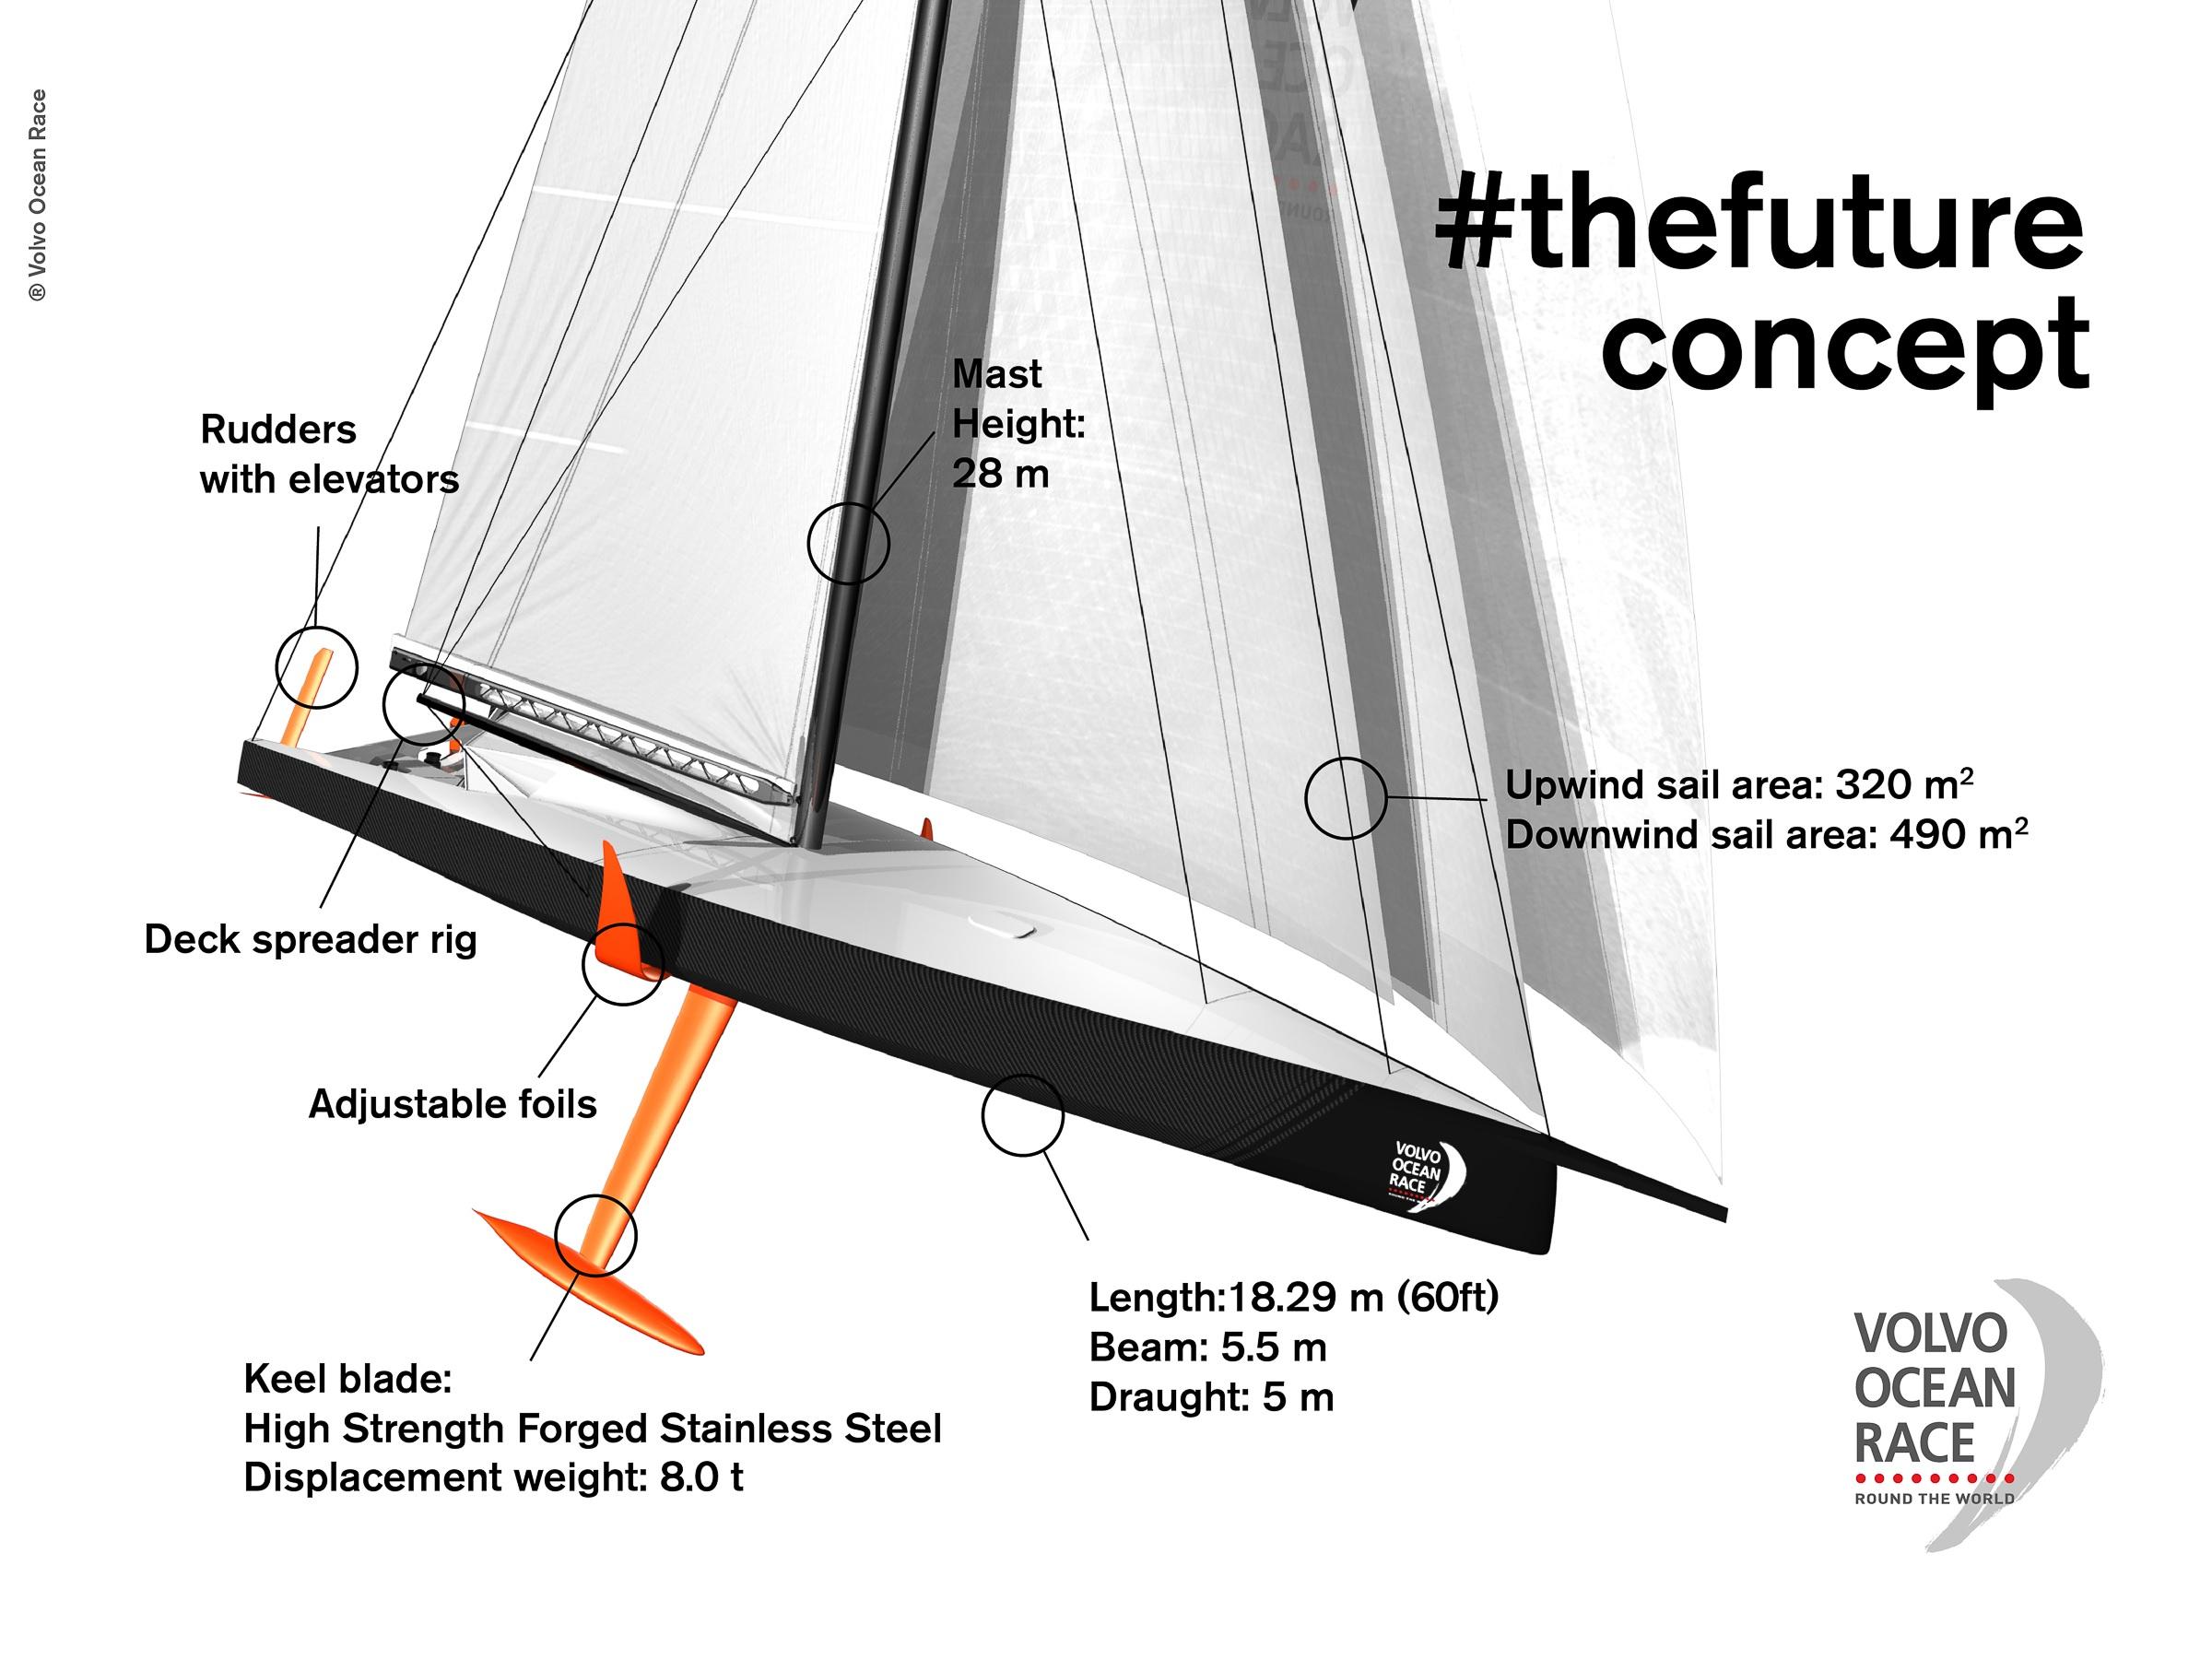 Volvo Ocean Race Inshore Yachting